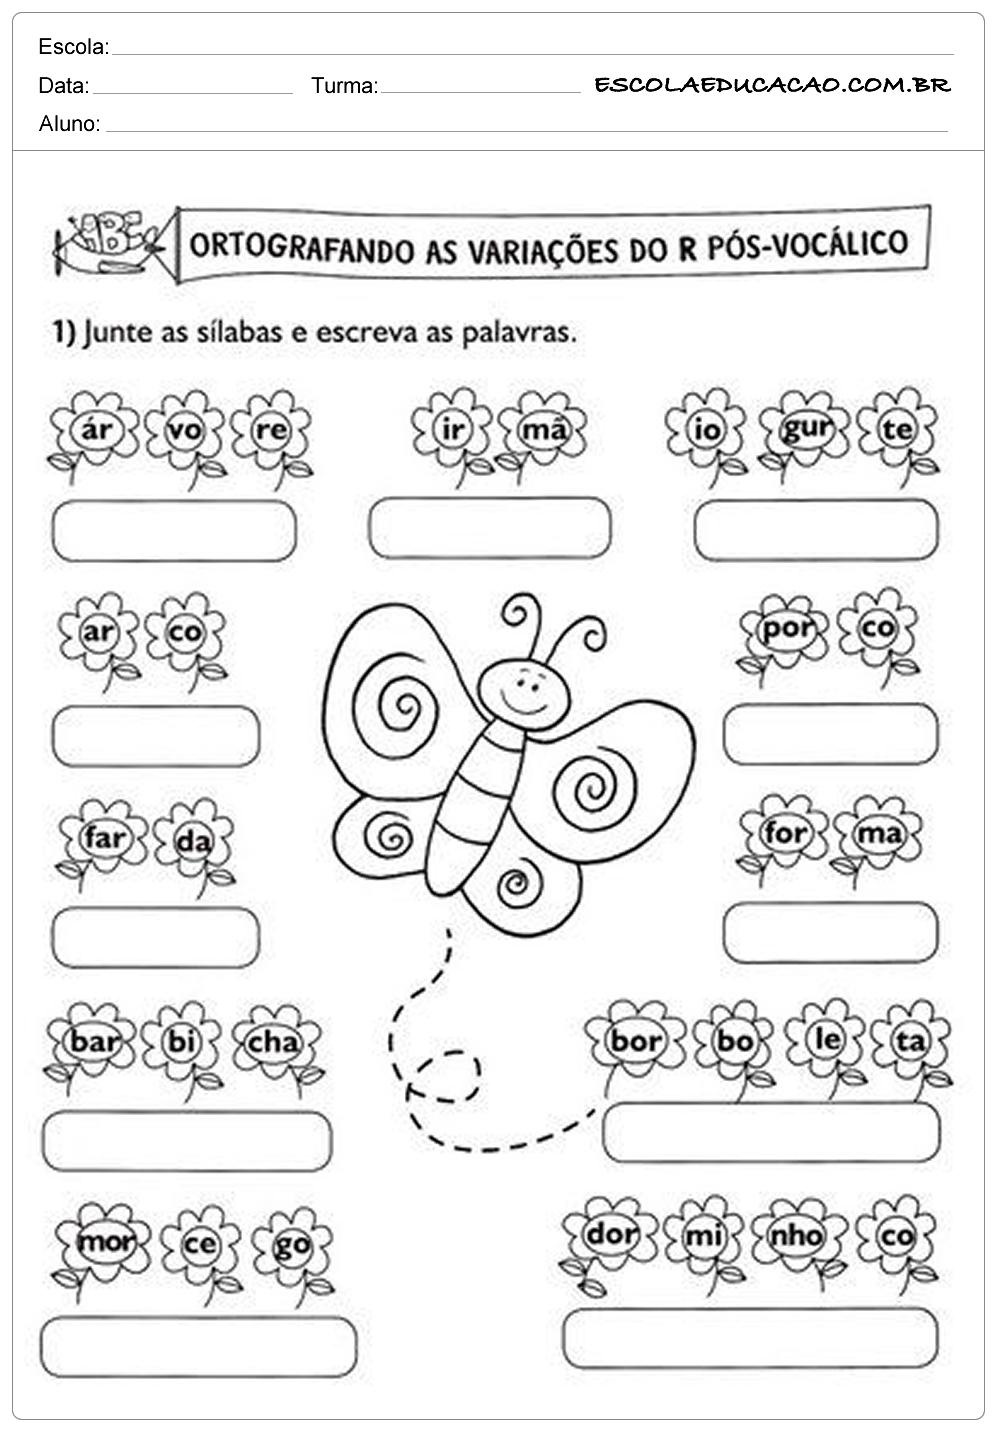 Atividades de Português 2º ano – Variações do R